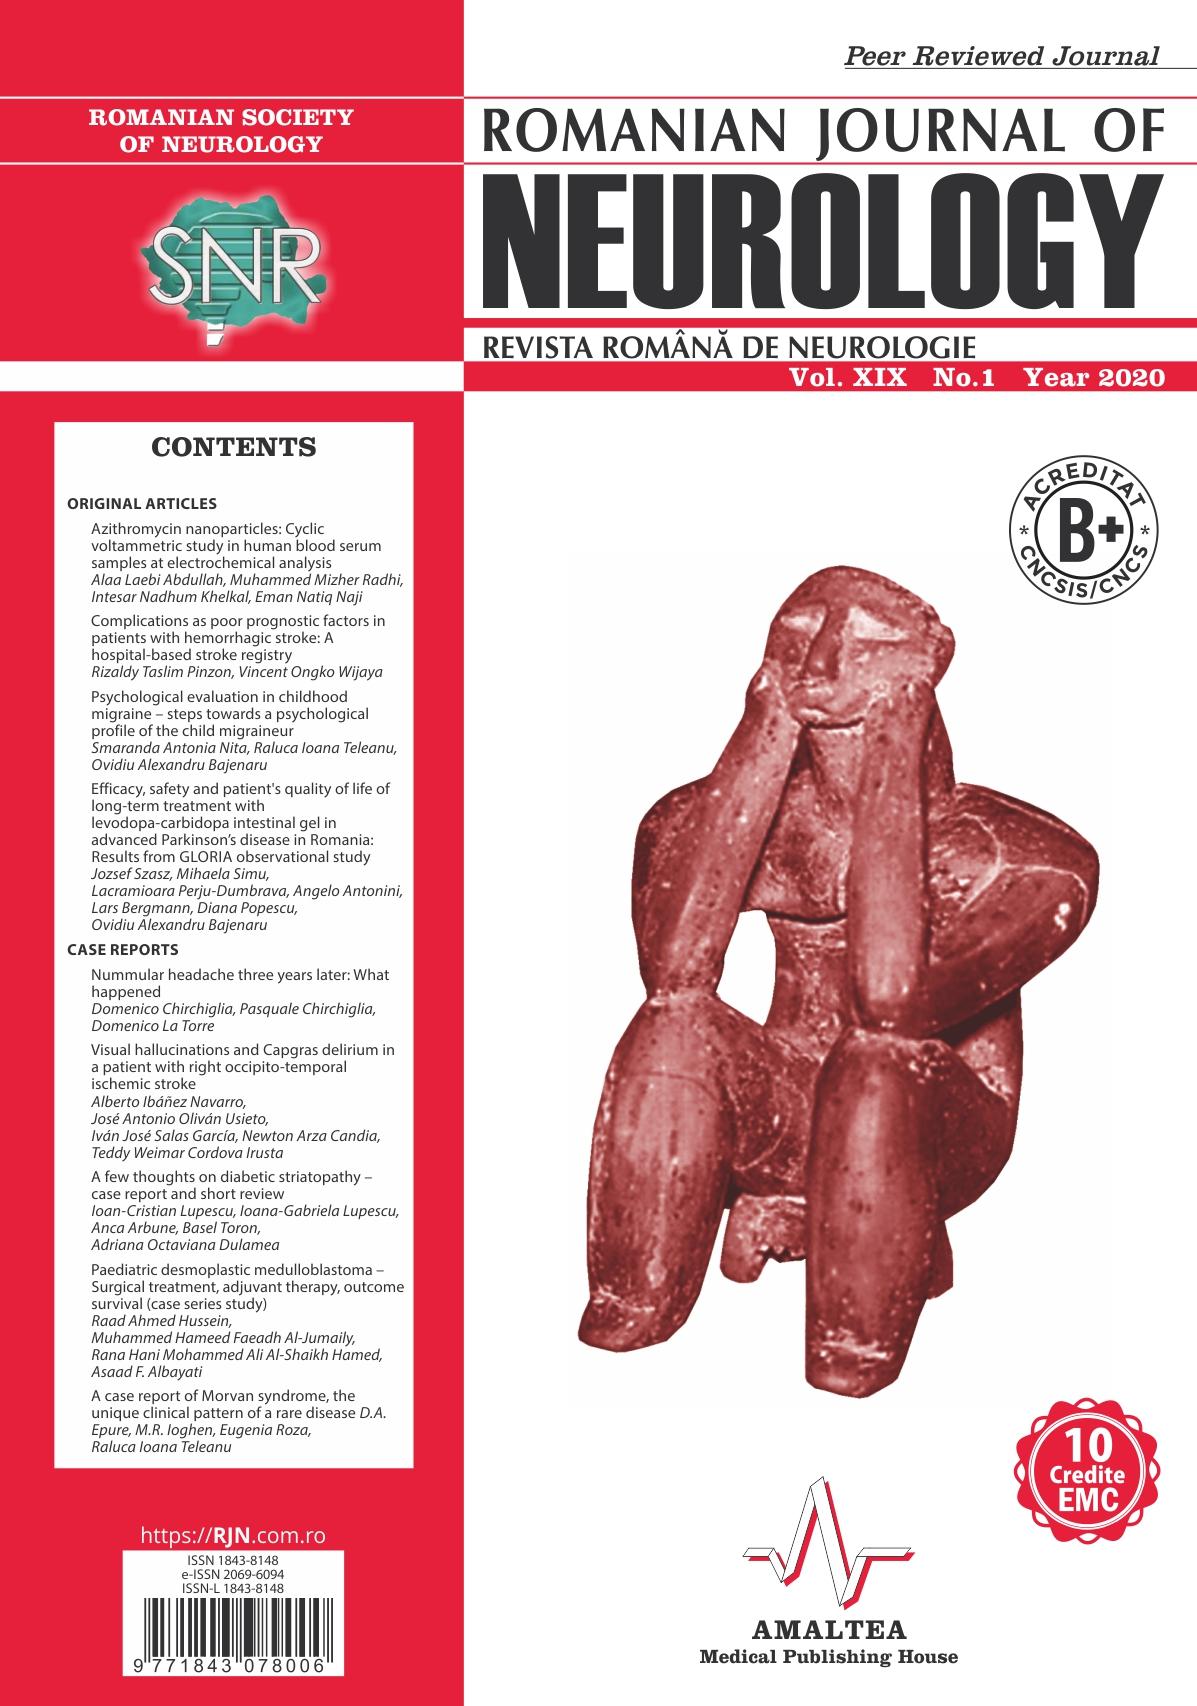 Romanian Journal of Neurology, Volume XIX, No. 1, 2020